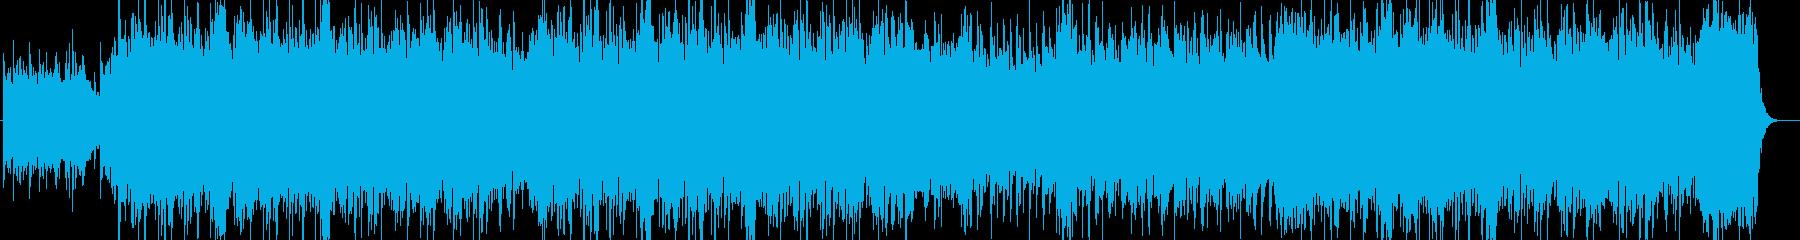 感動的なシンセサイザー・ピアノなどの曲の再生済みの波形